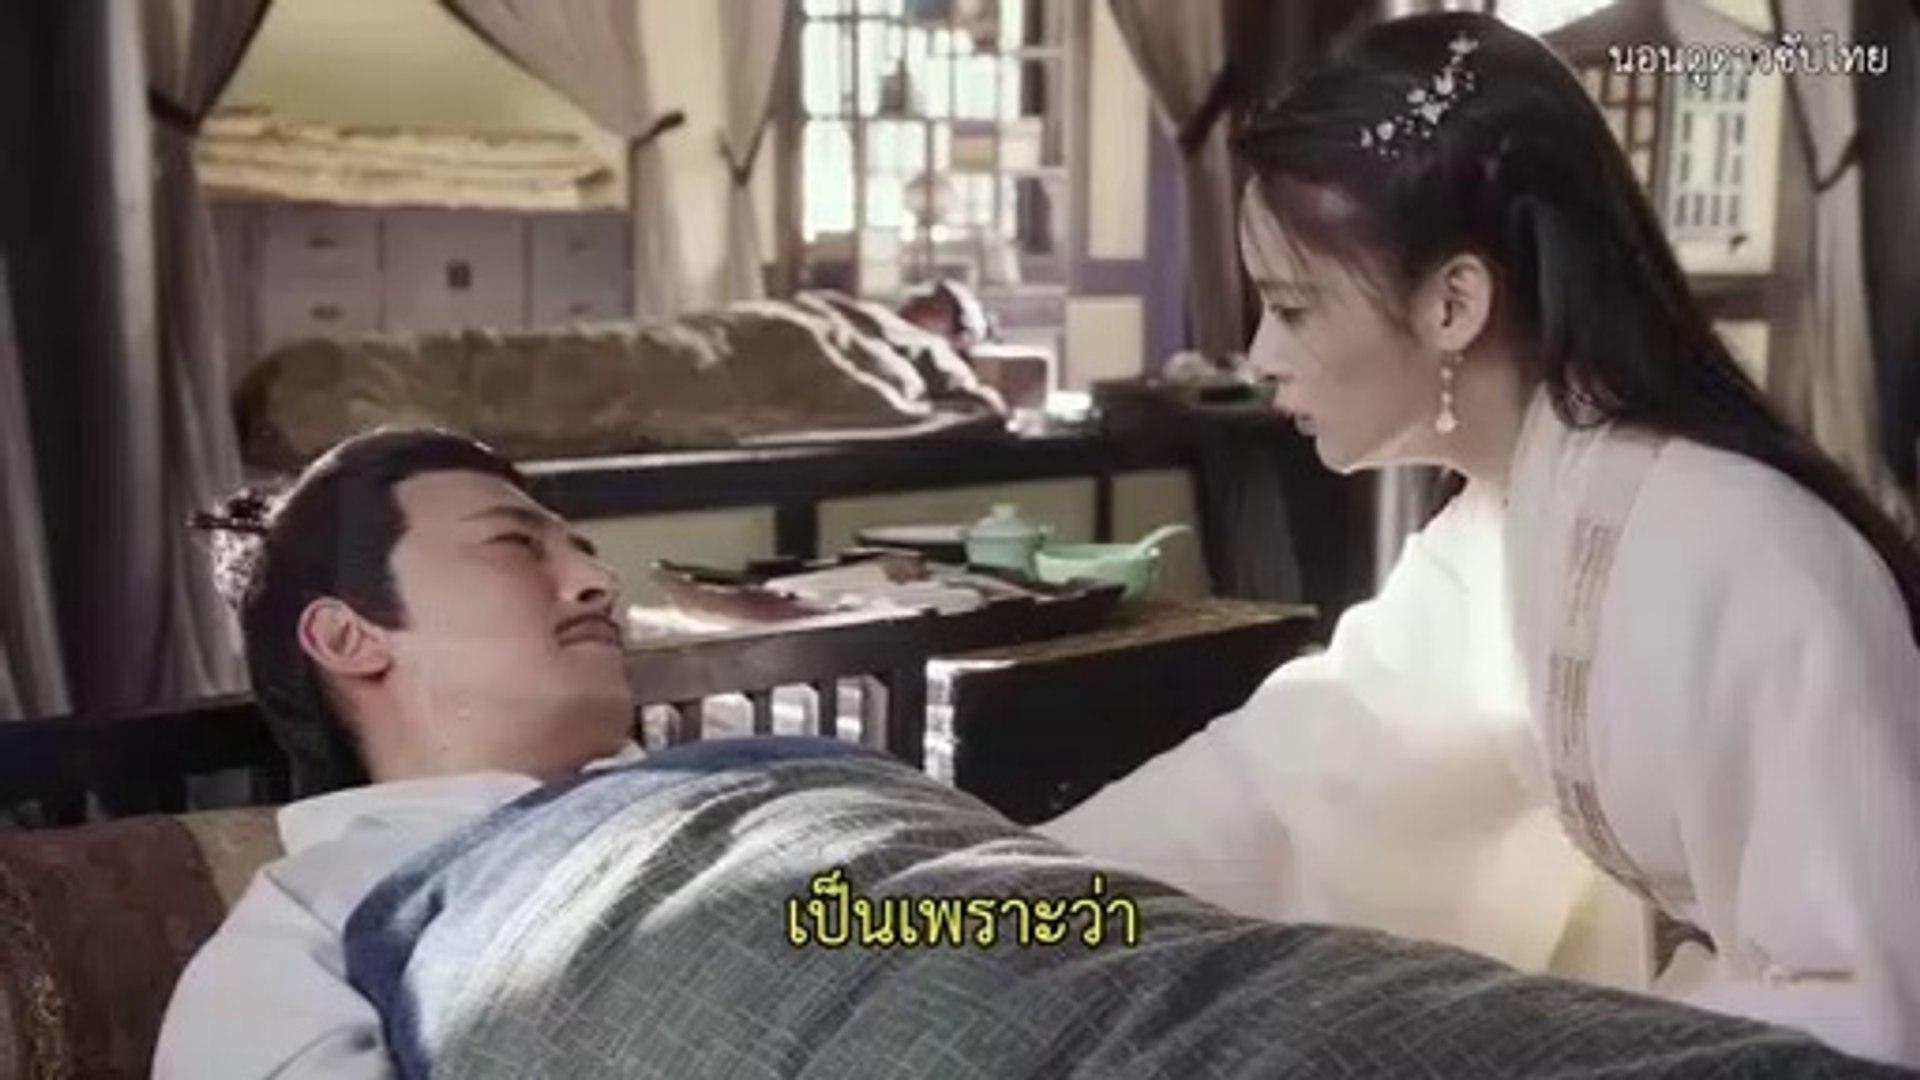 ดาบมังกรหยก2019 ซับไทย ตอนที่ 26